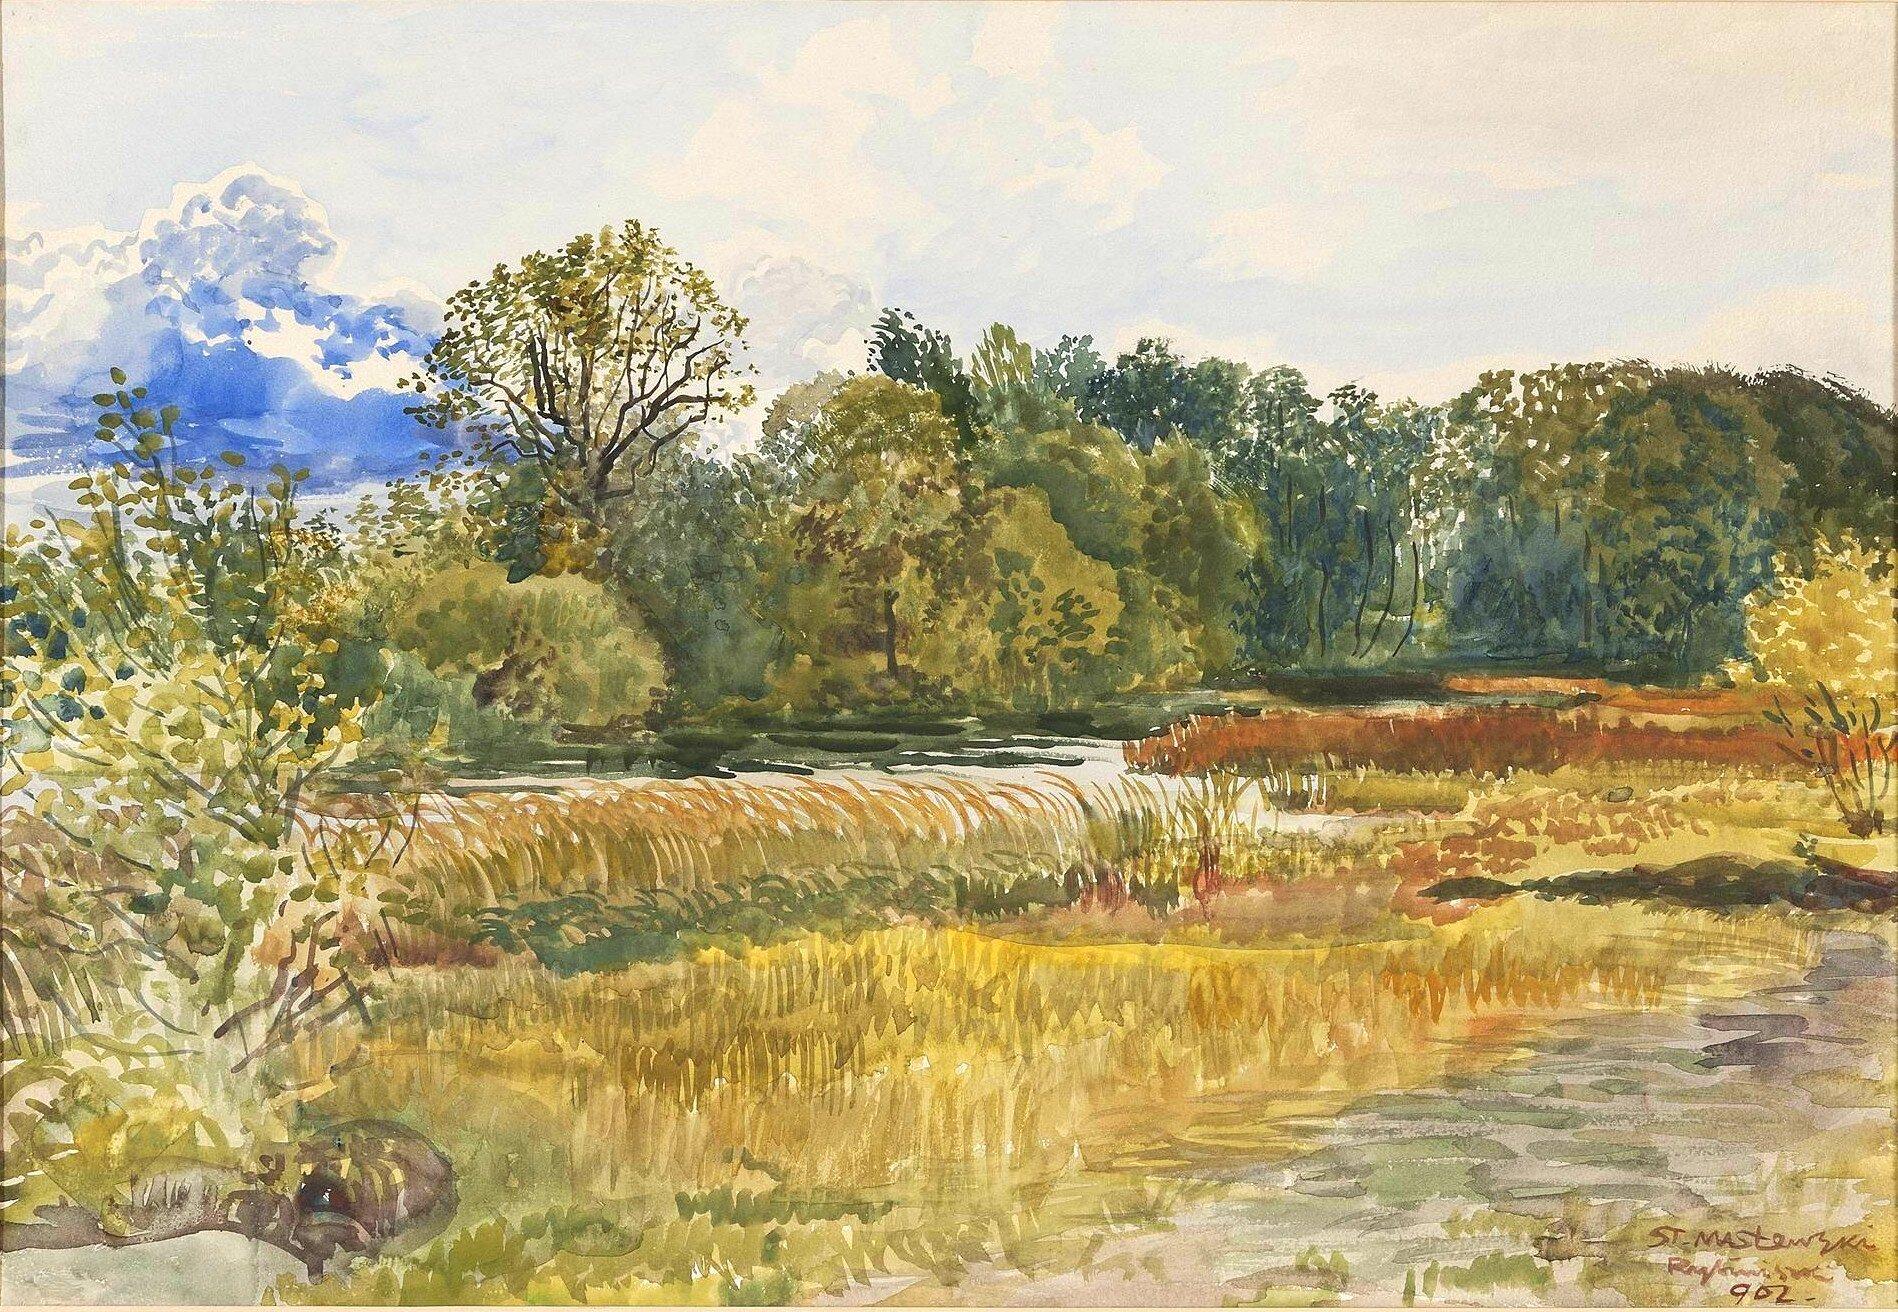 Watercolor of autumn scene by    Stanisław Masłowski   , done in 1902